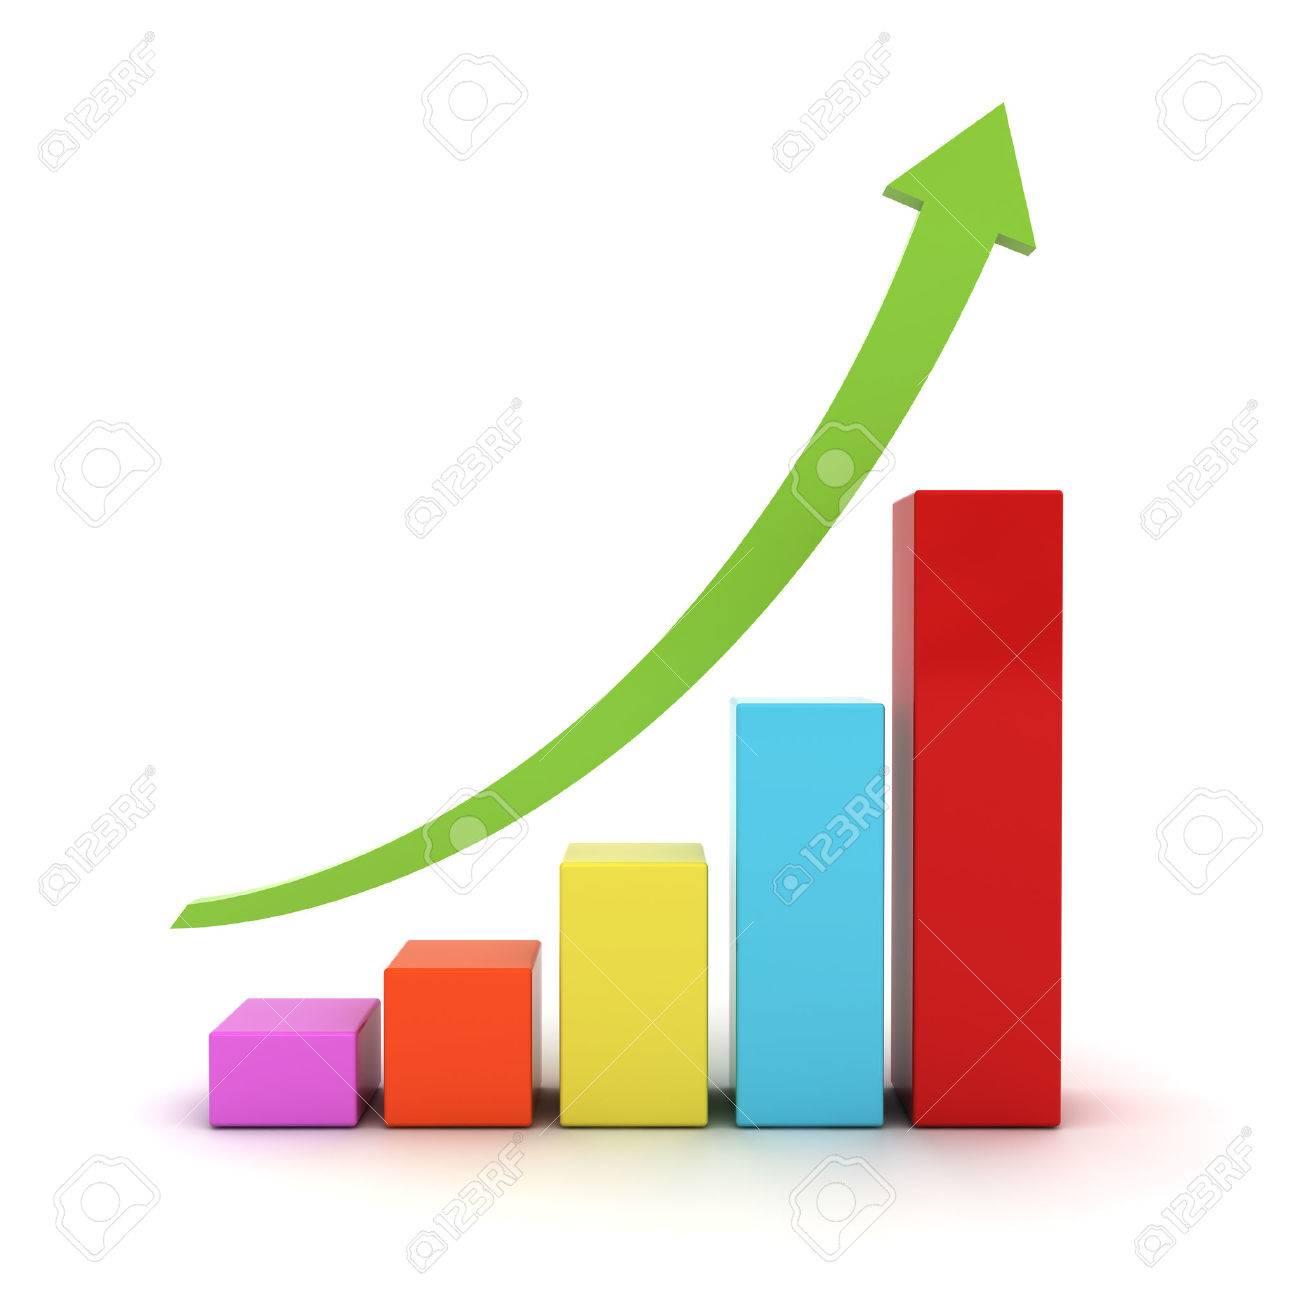 carte graphique d'affaires avec la flèche verte hausse isolé sur fond blanc Banque d'images - 30549297